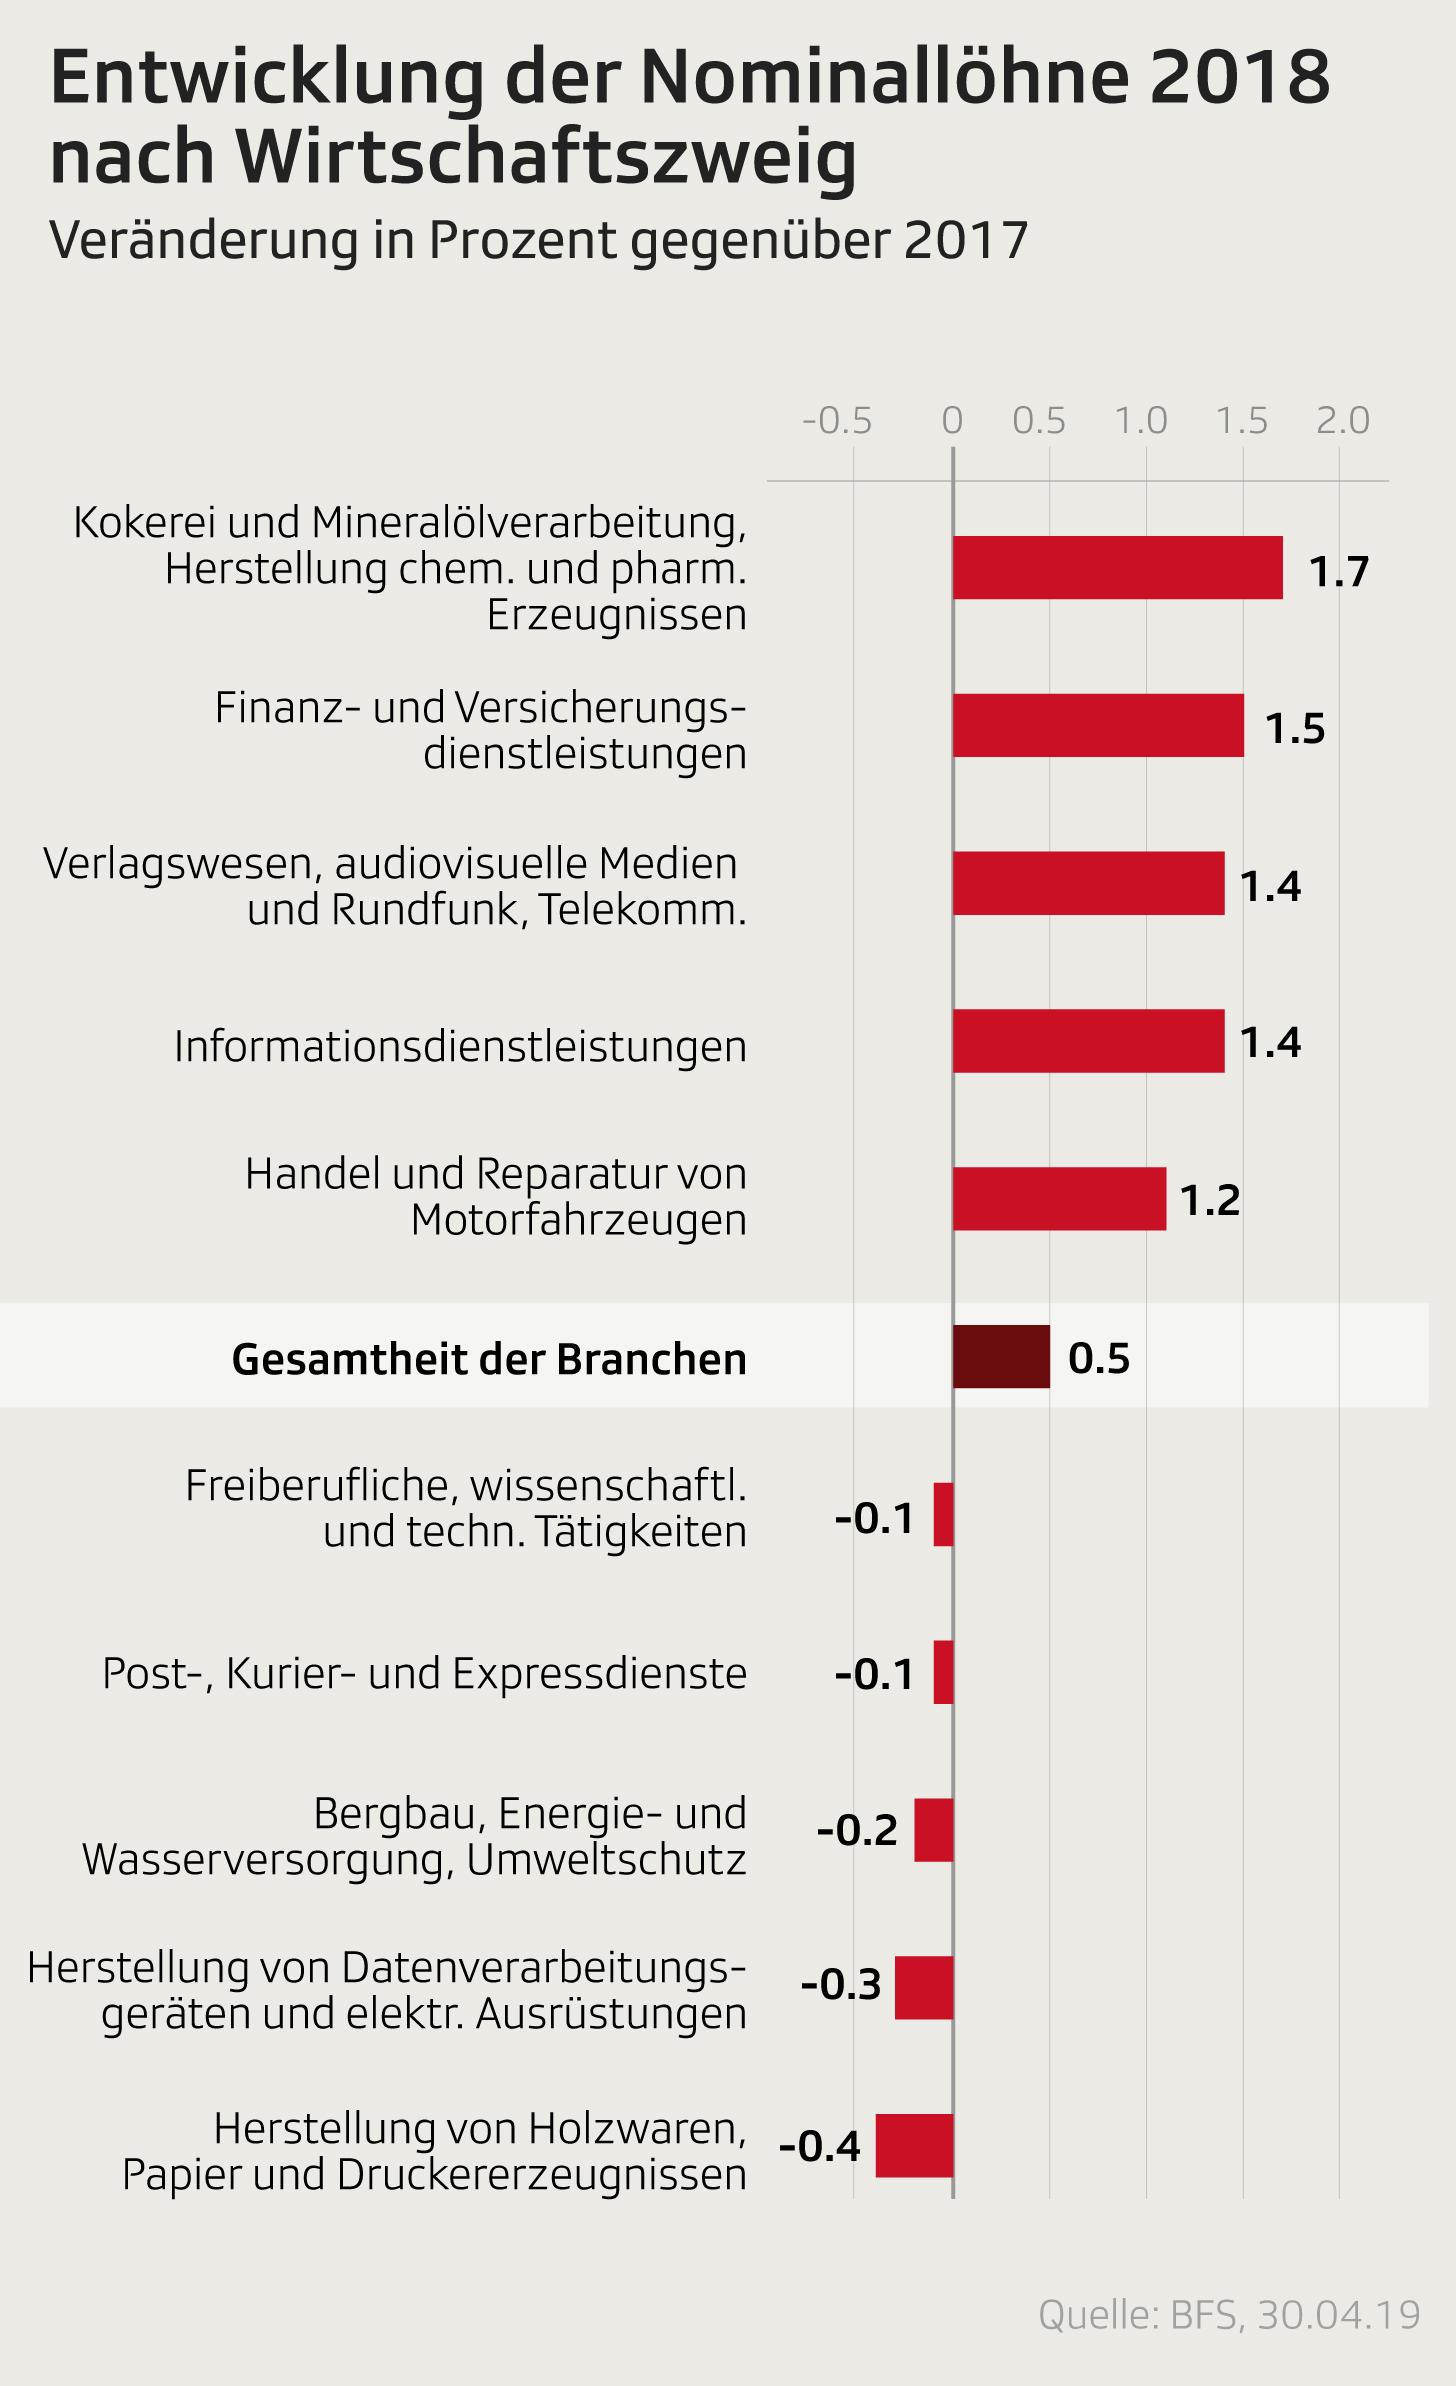 Entwicklung der Nominallöhne nach Wirtschaftszweig 2018 im Vergleich zu 2017